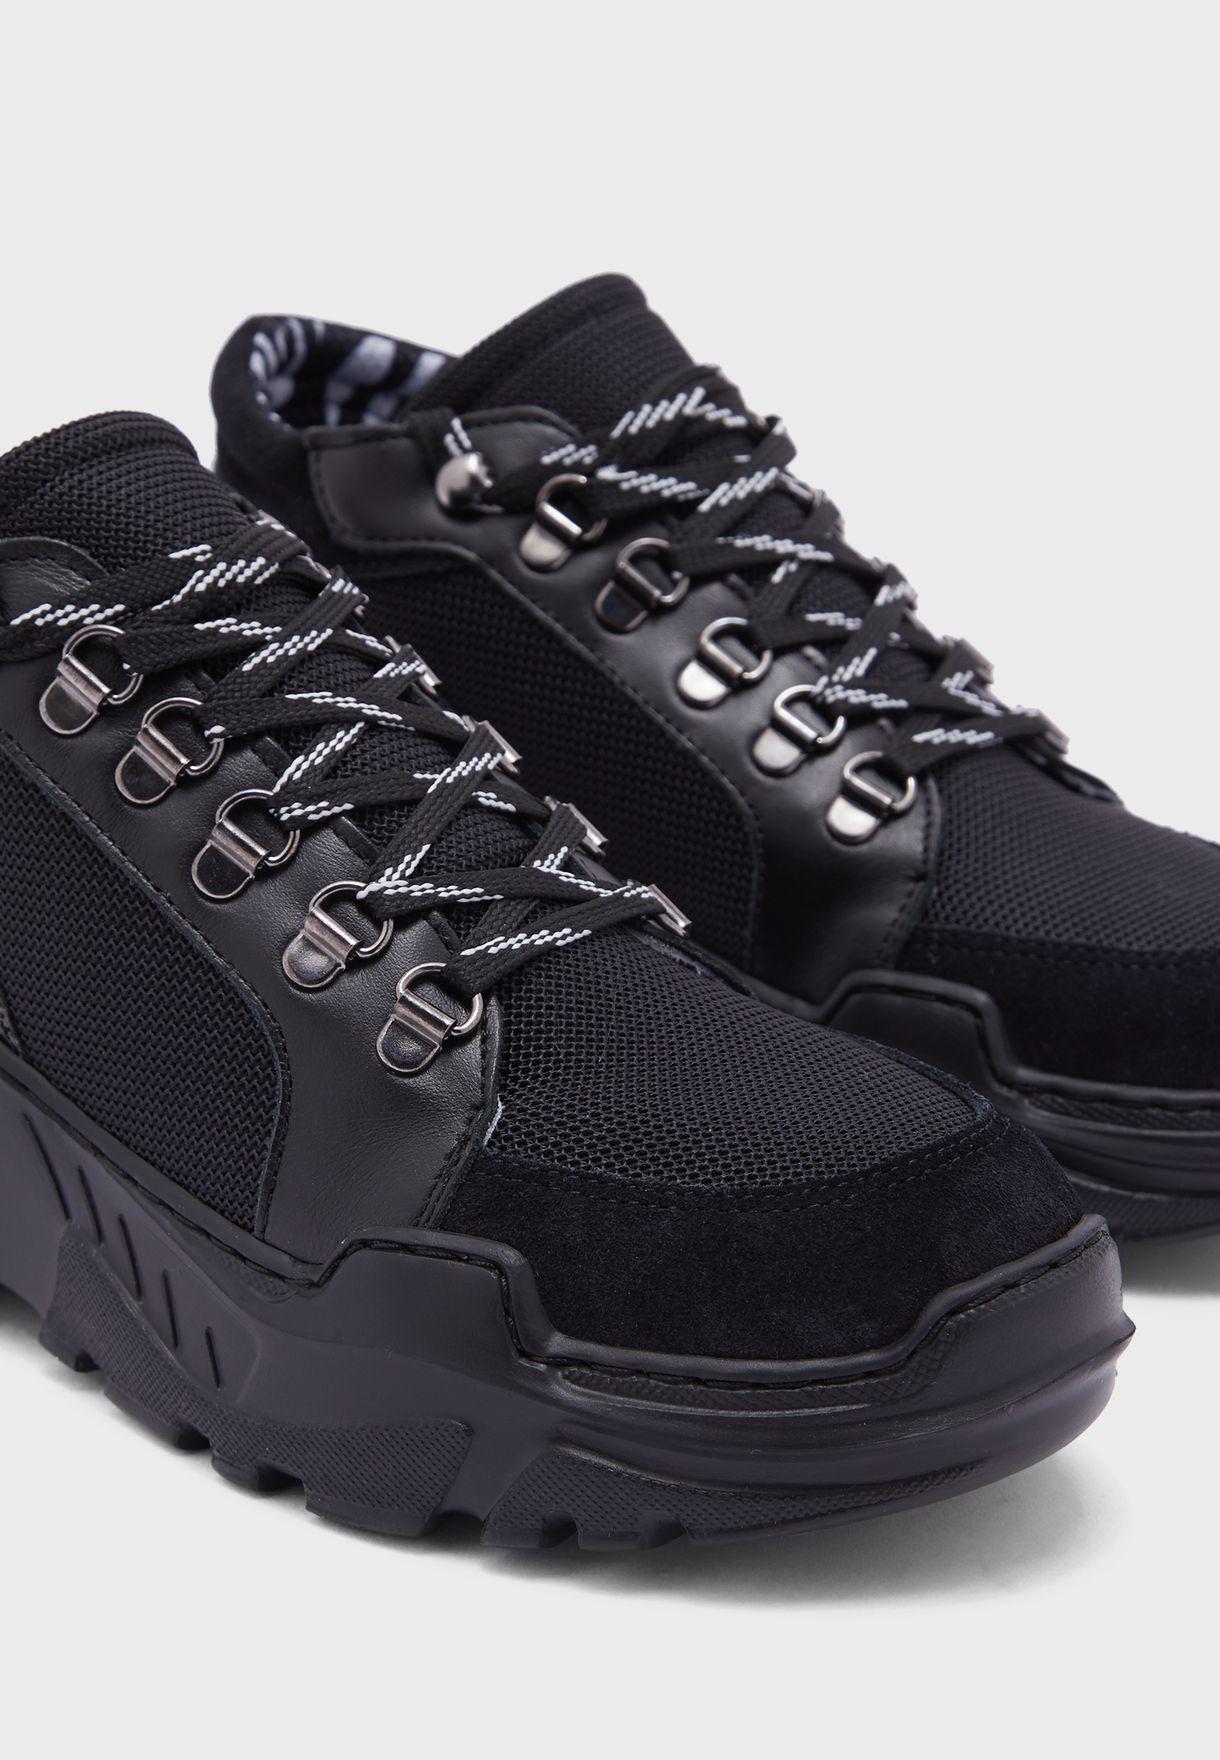 Wedge High Top Sneakers